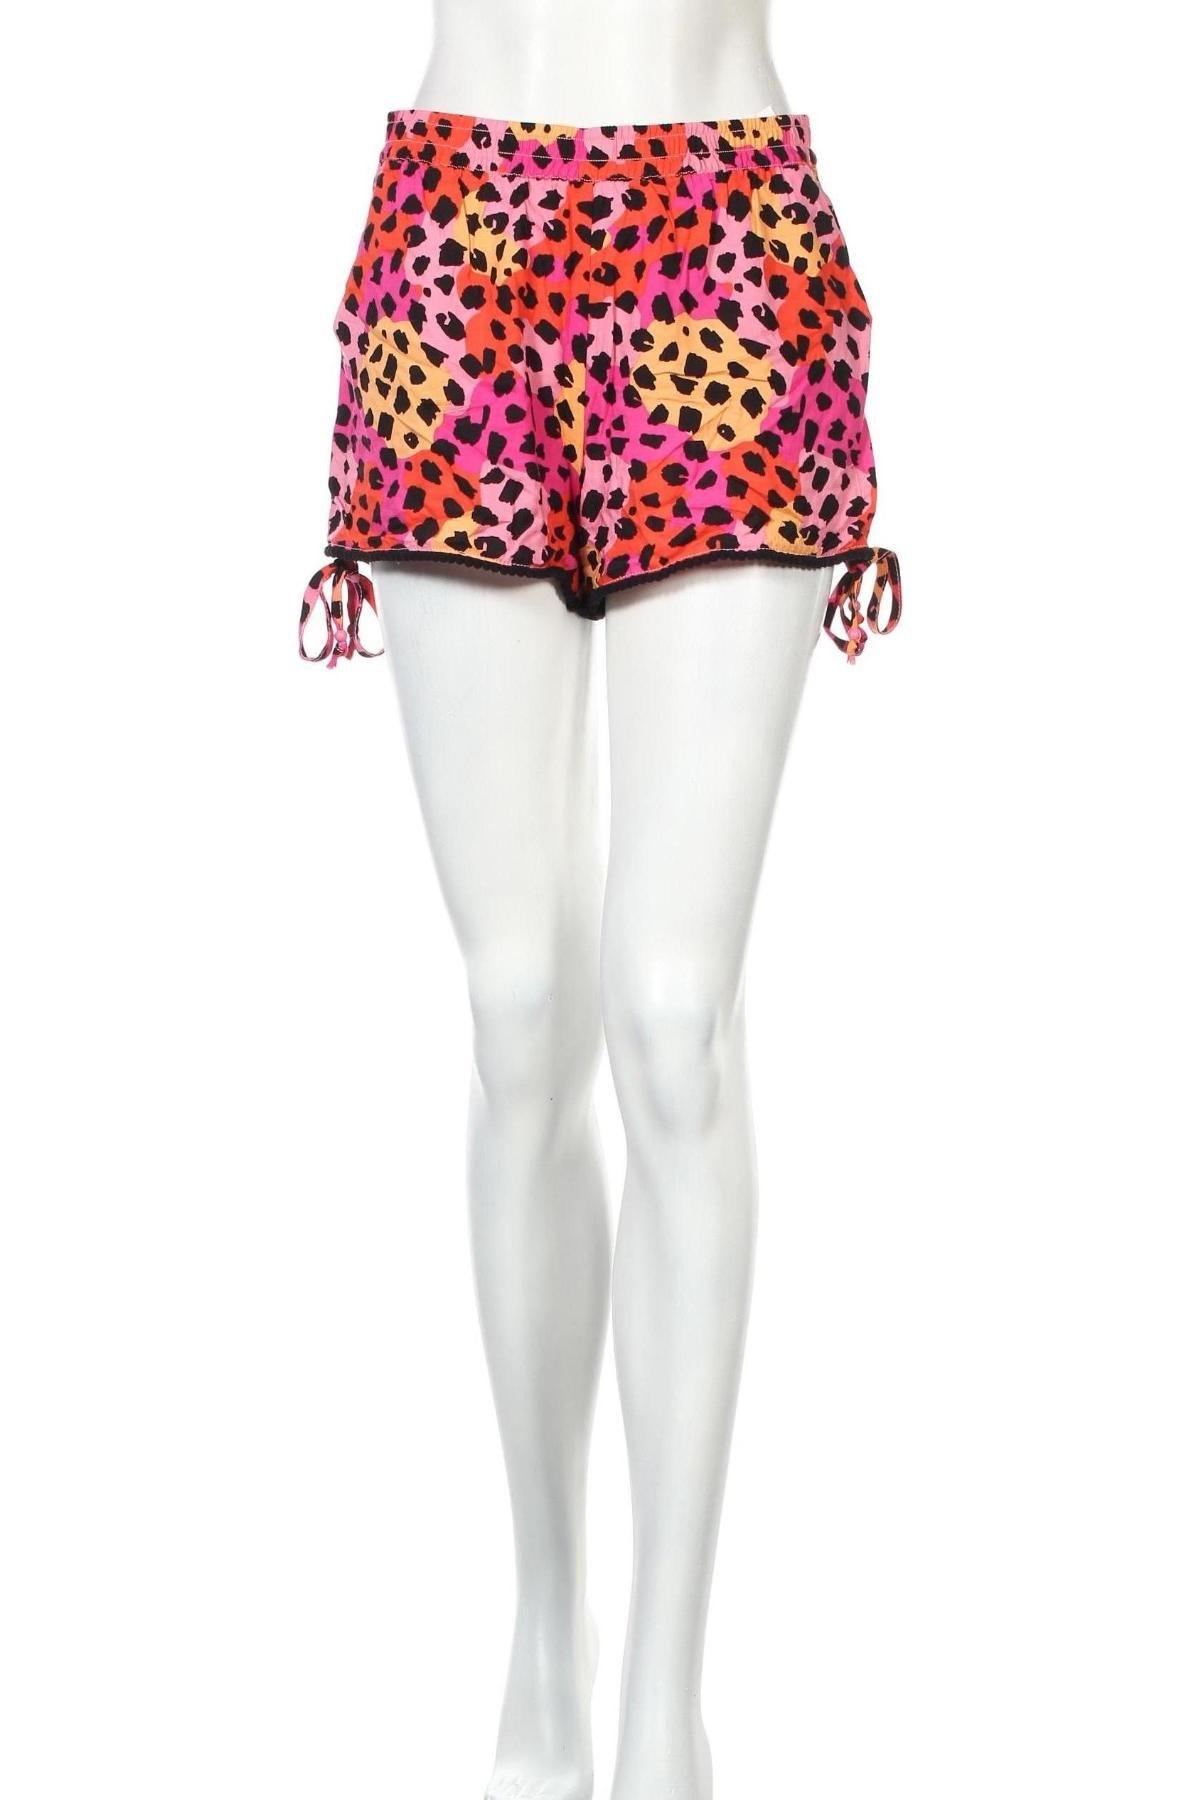 Γυναικείο κοντό παντελόνι Yfl Reserved, Μέγεθος S, Χρώμα Πολύχρωμο, Βισκόζη, Τιμή 3,90€